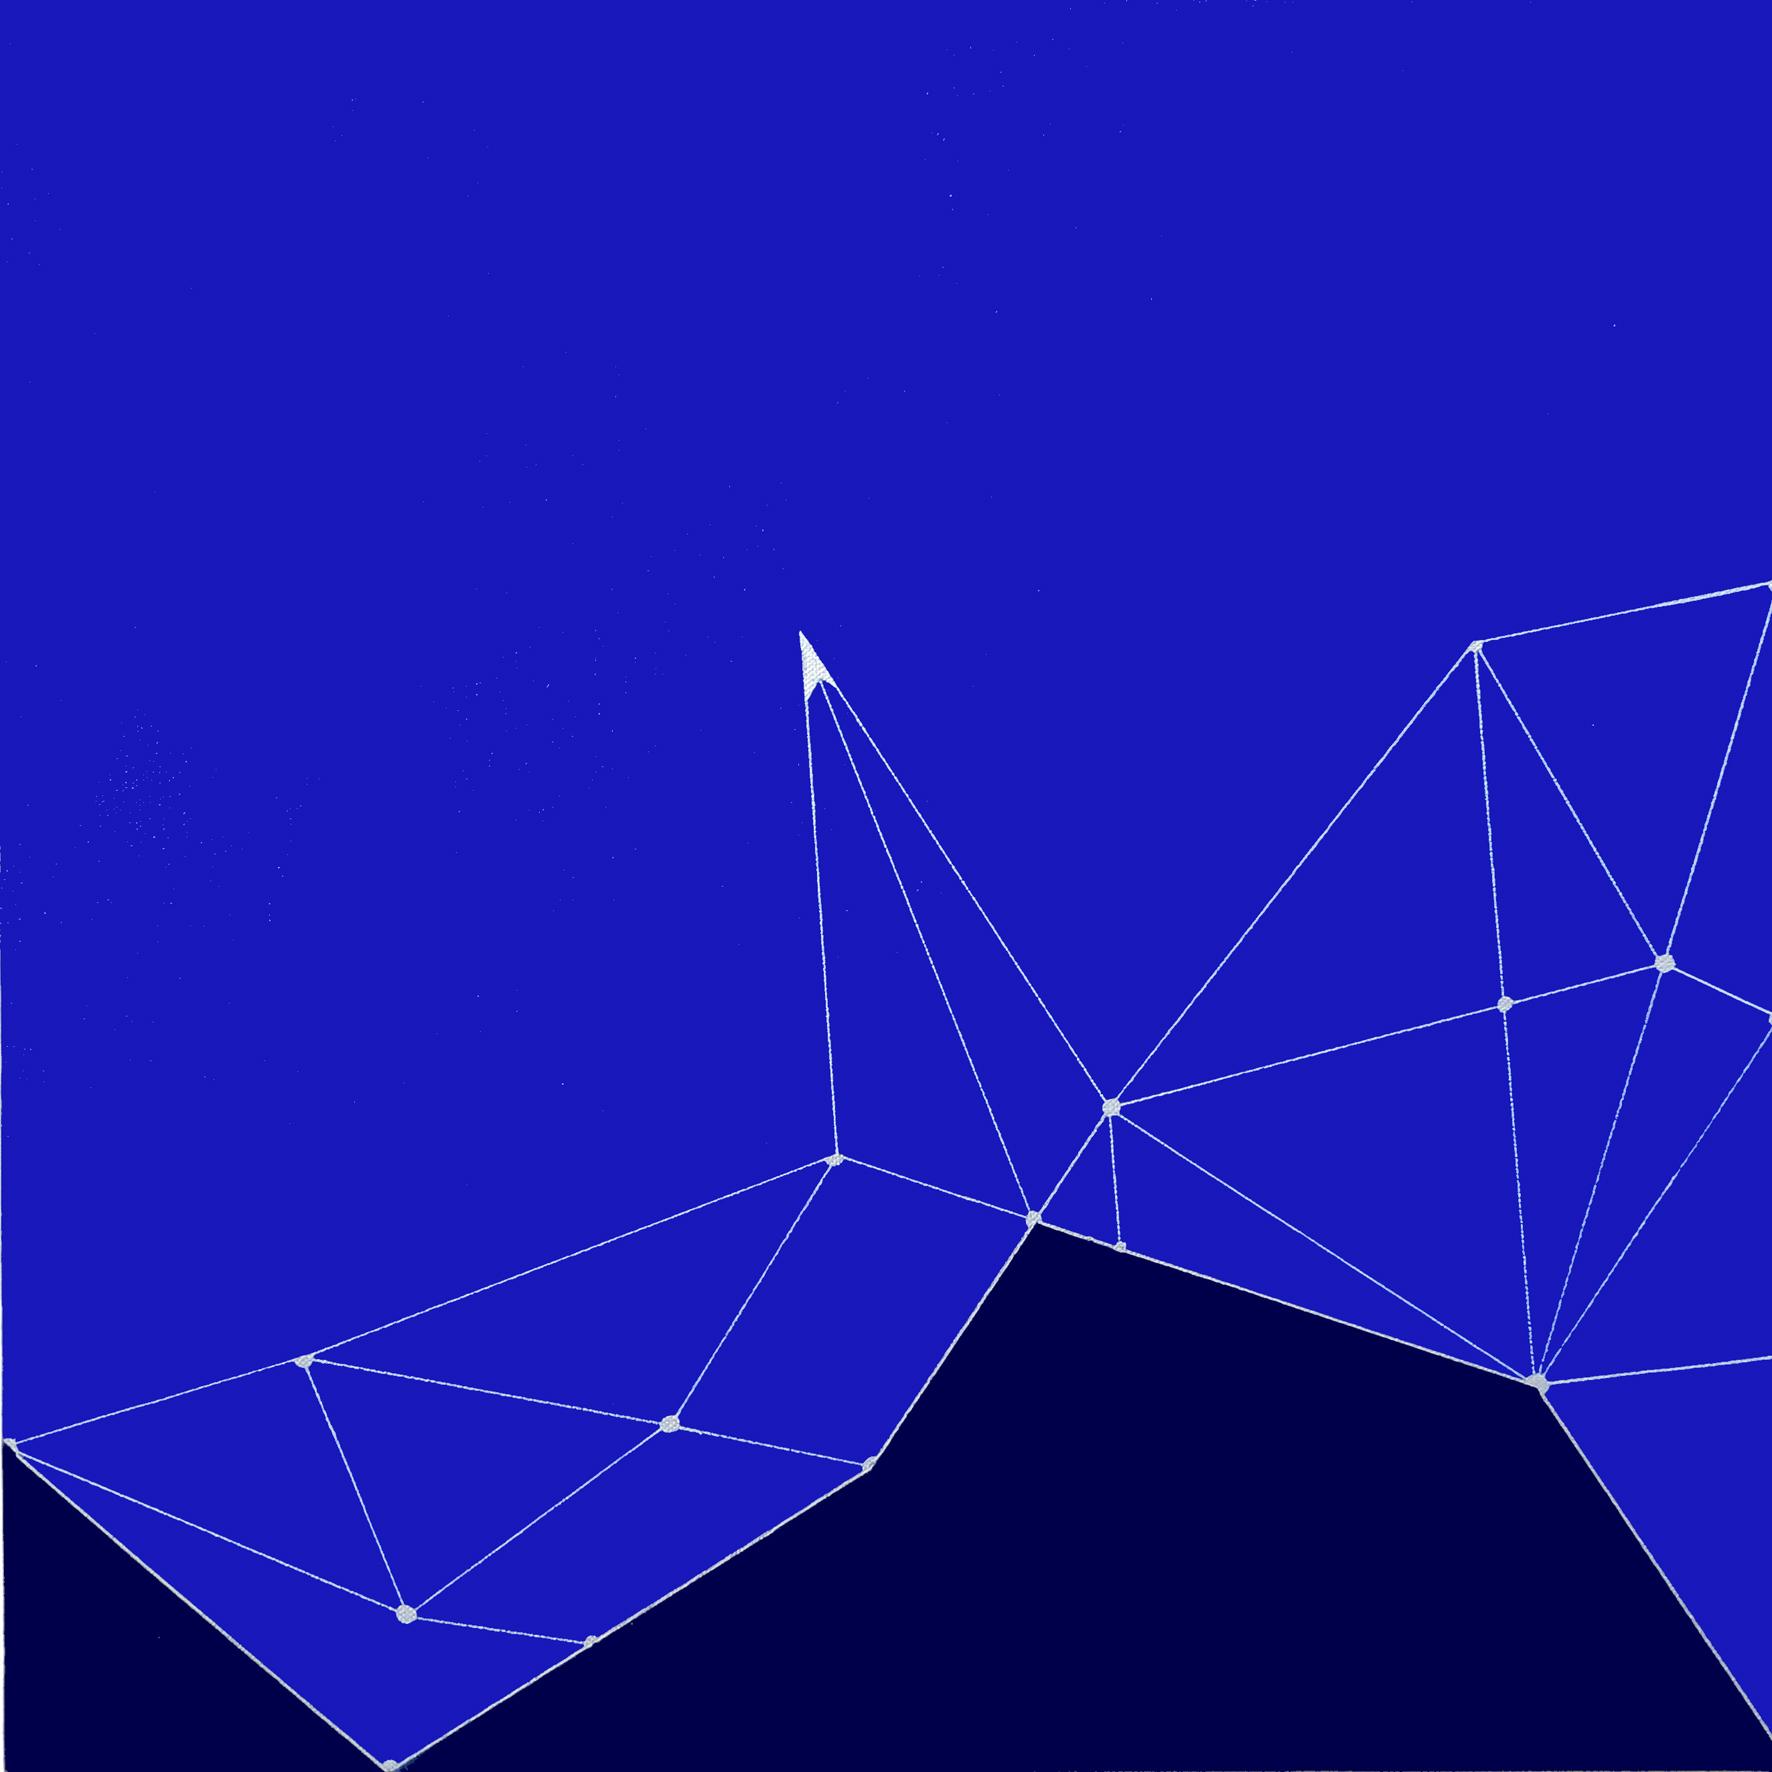 x F. Geometria spaziale 18-9-2014 50x